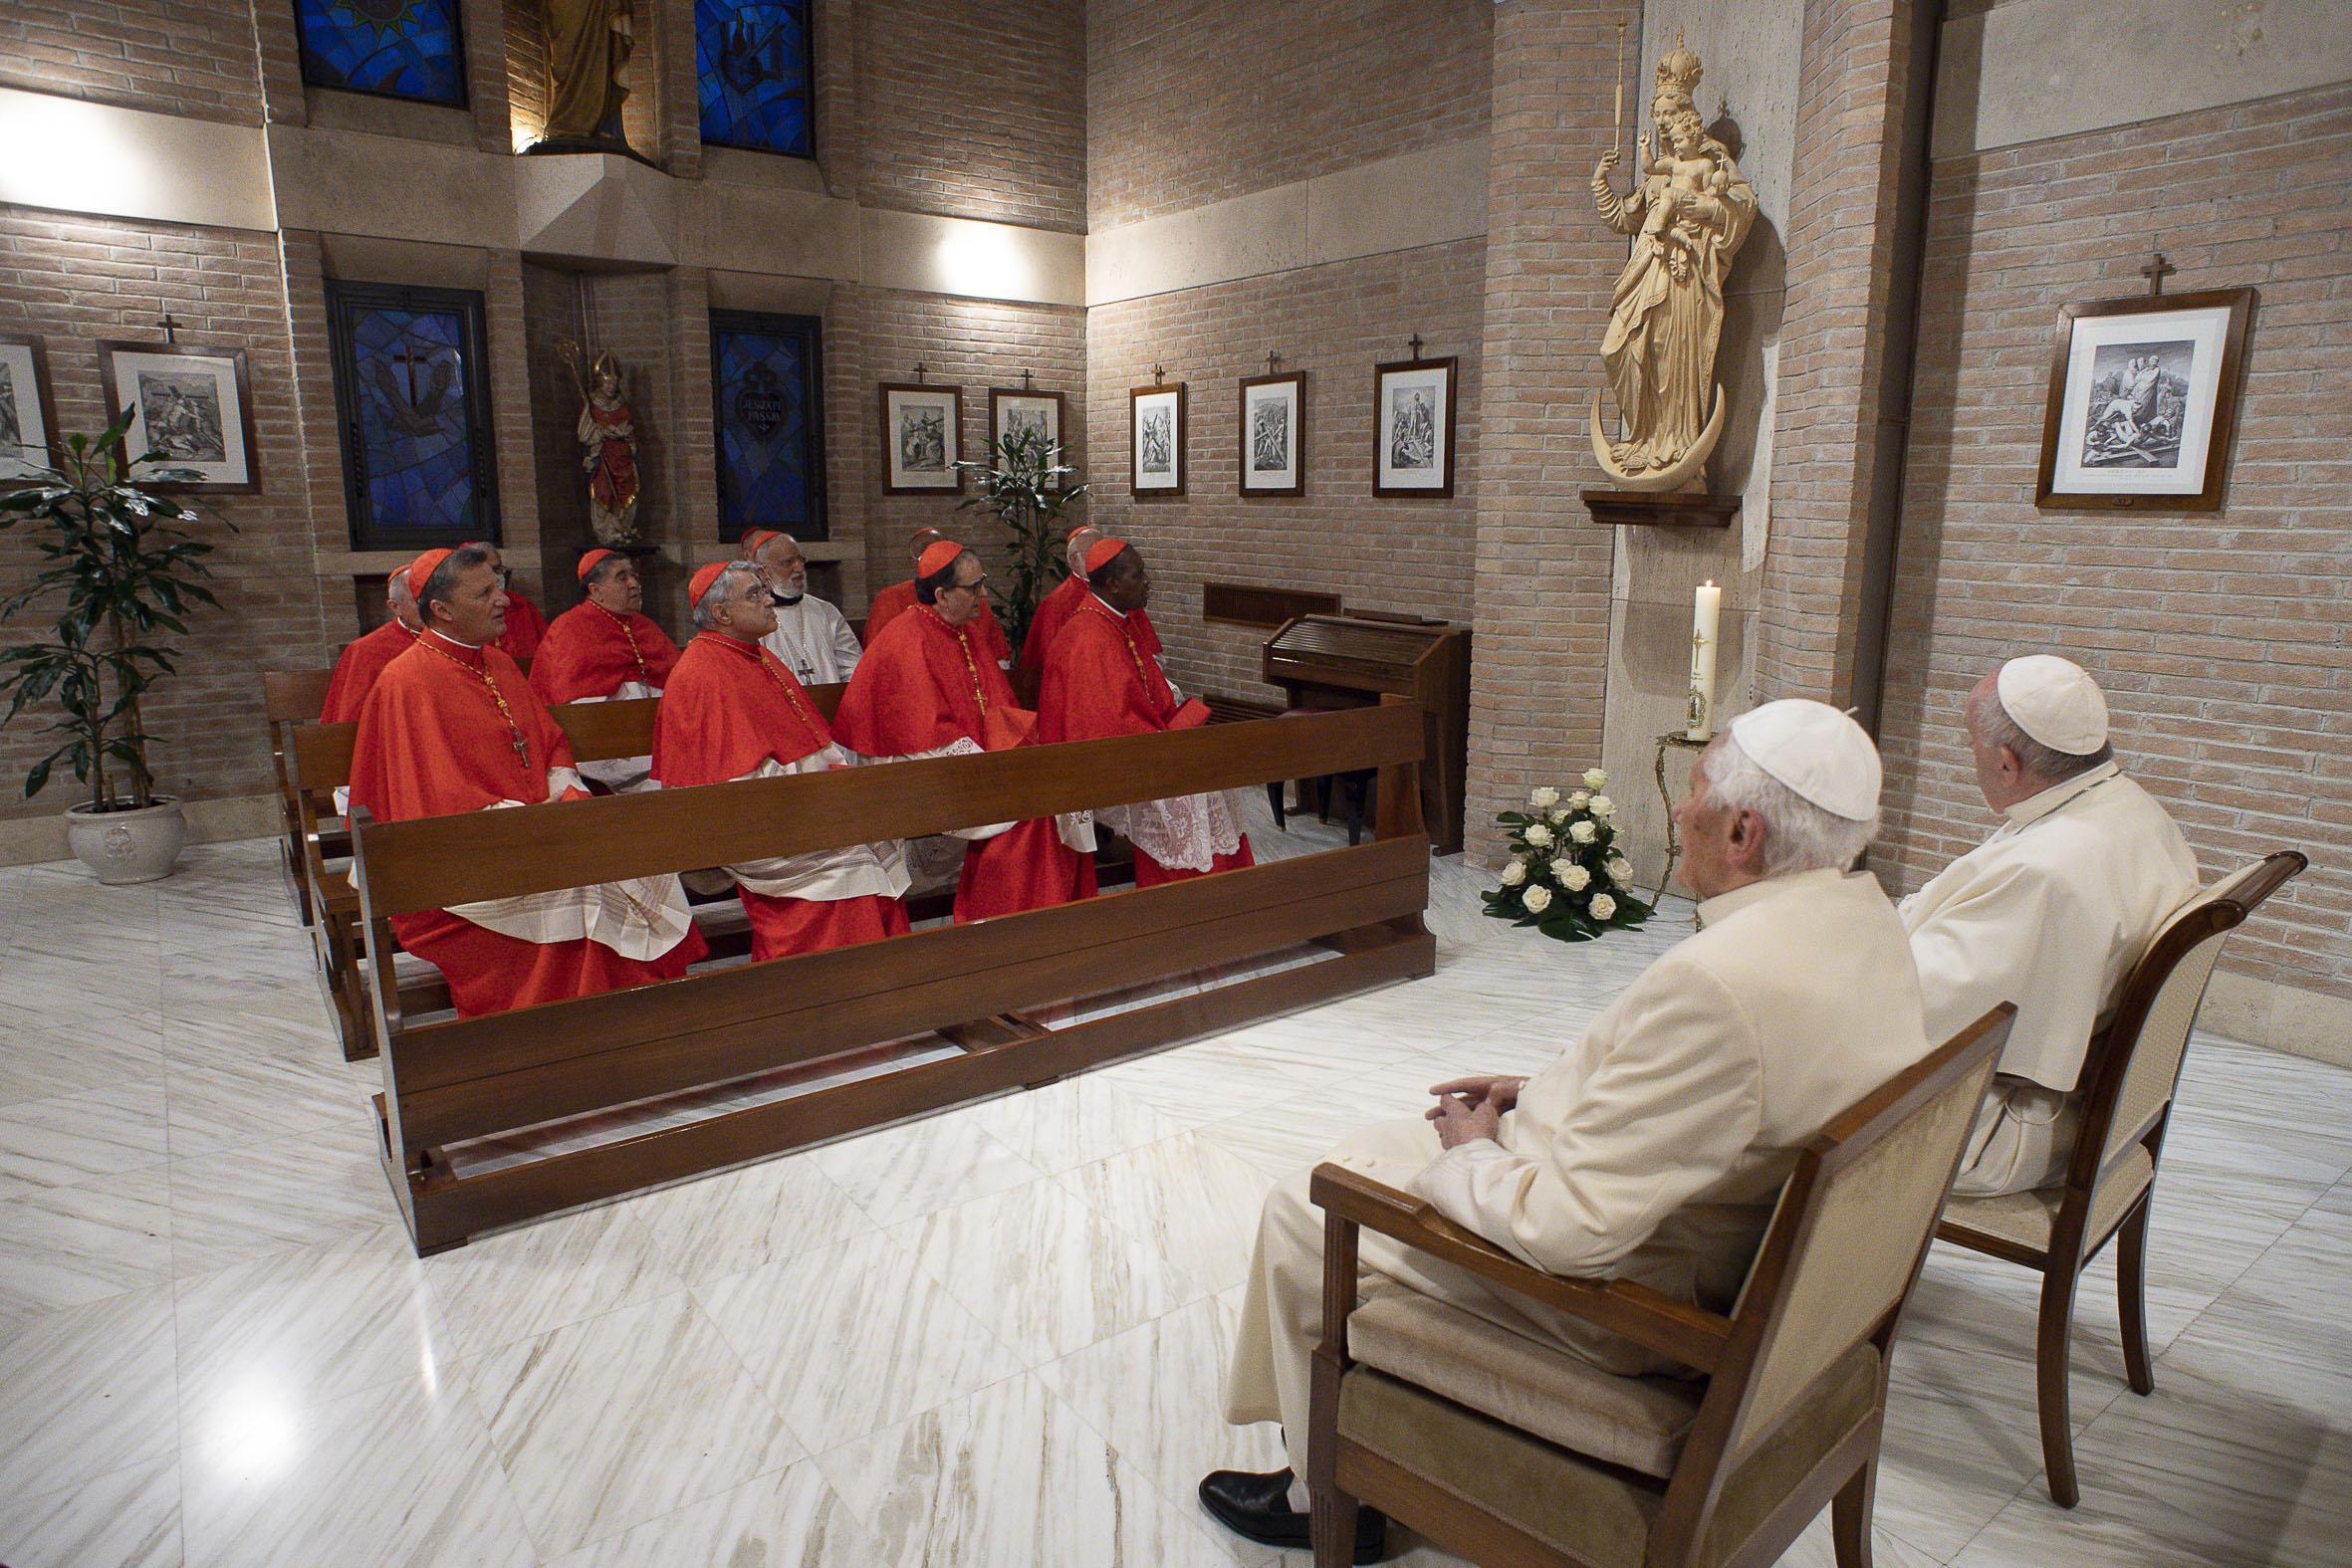 cardenales benedicto